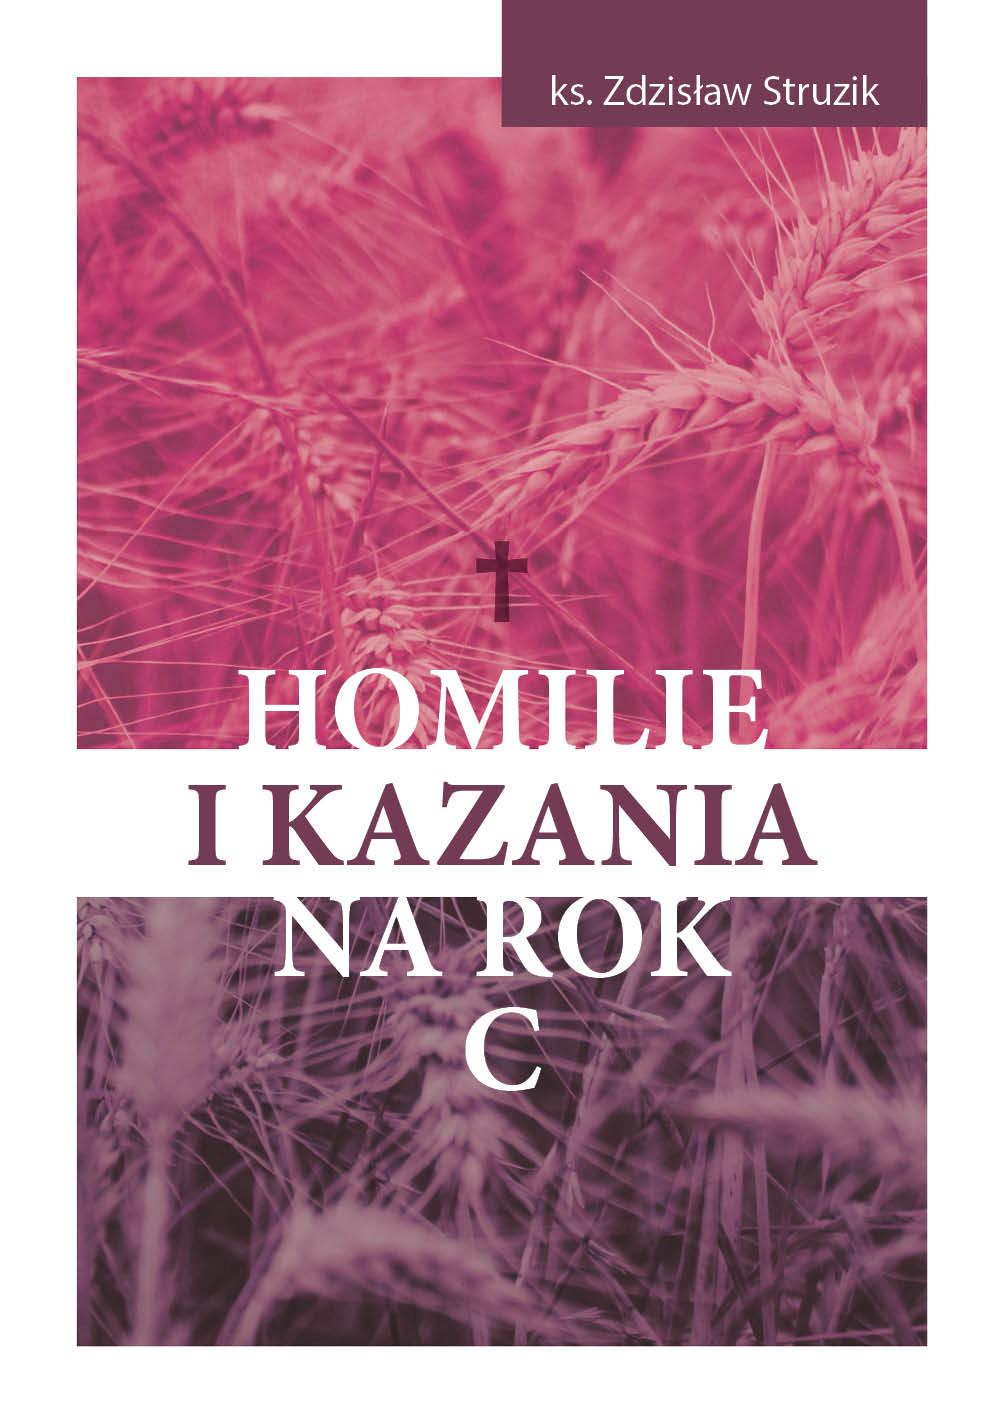 Ks. Zdzisław Struzik, Homilie ikazania narok A, Instytut Papieża Jana Pawła II, Warszawa 2021